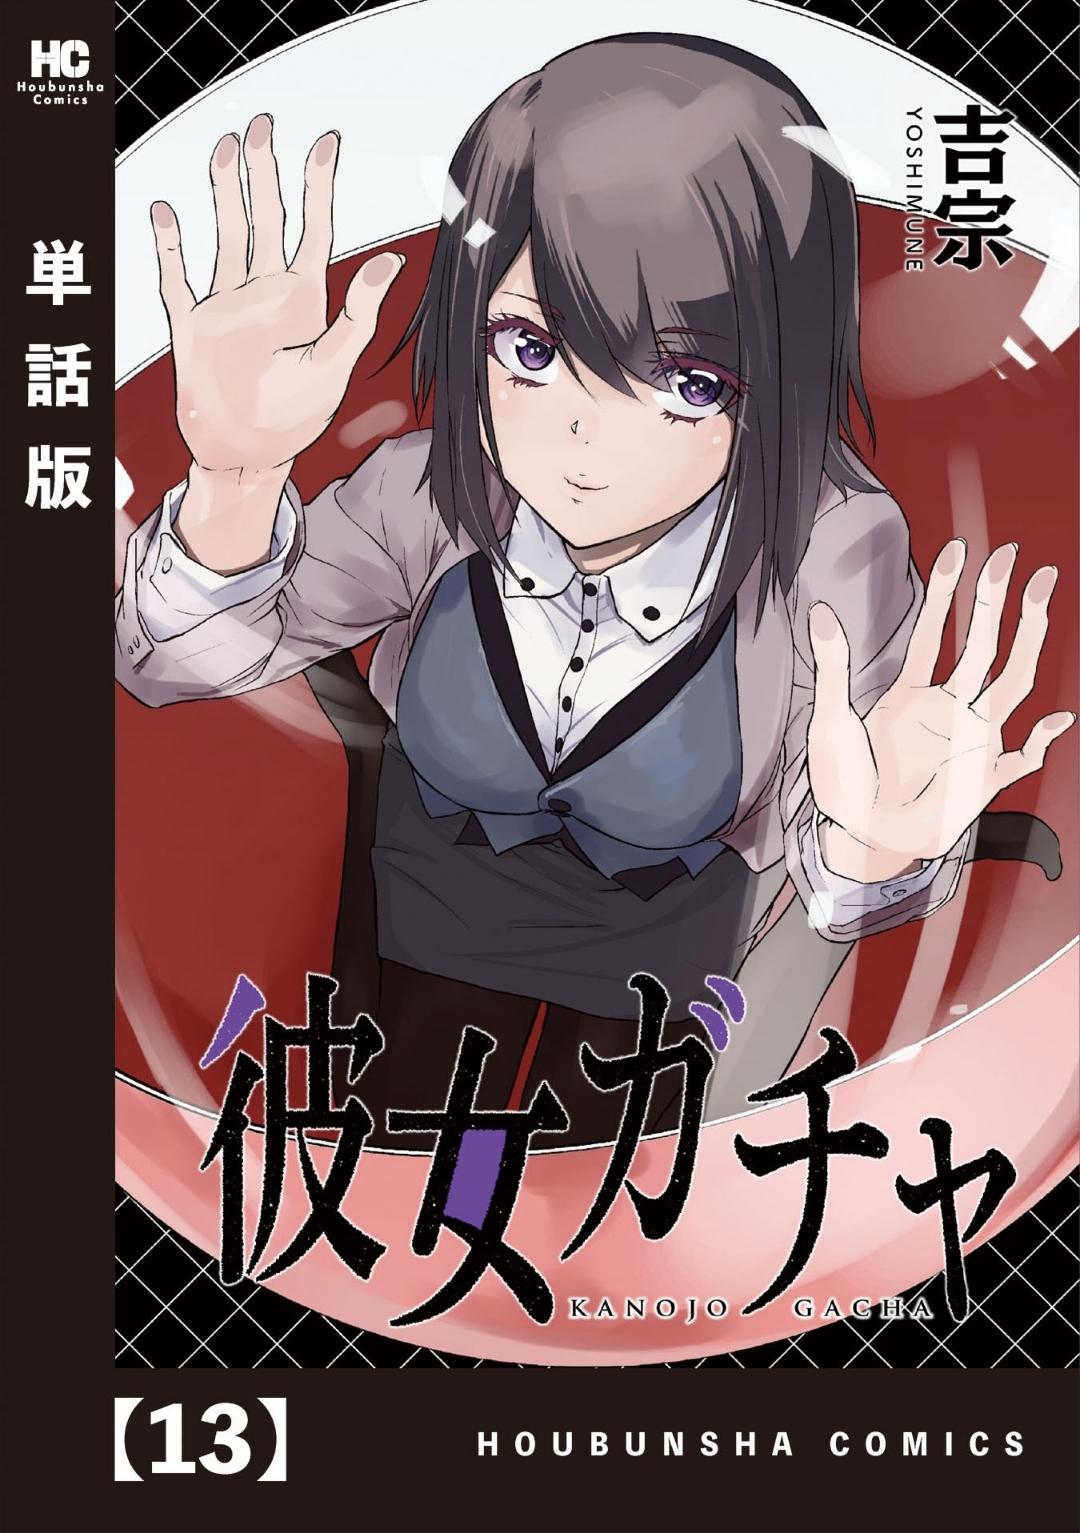 อ่านการ์ตูน Kanojo Gacha ตอนที่ 13 หน้าที่ 2